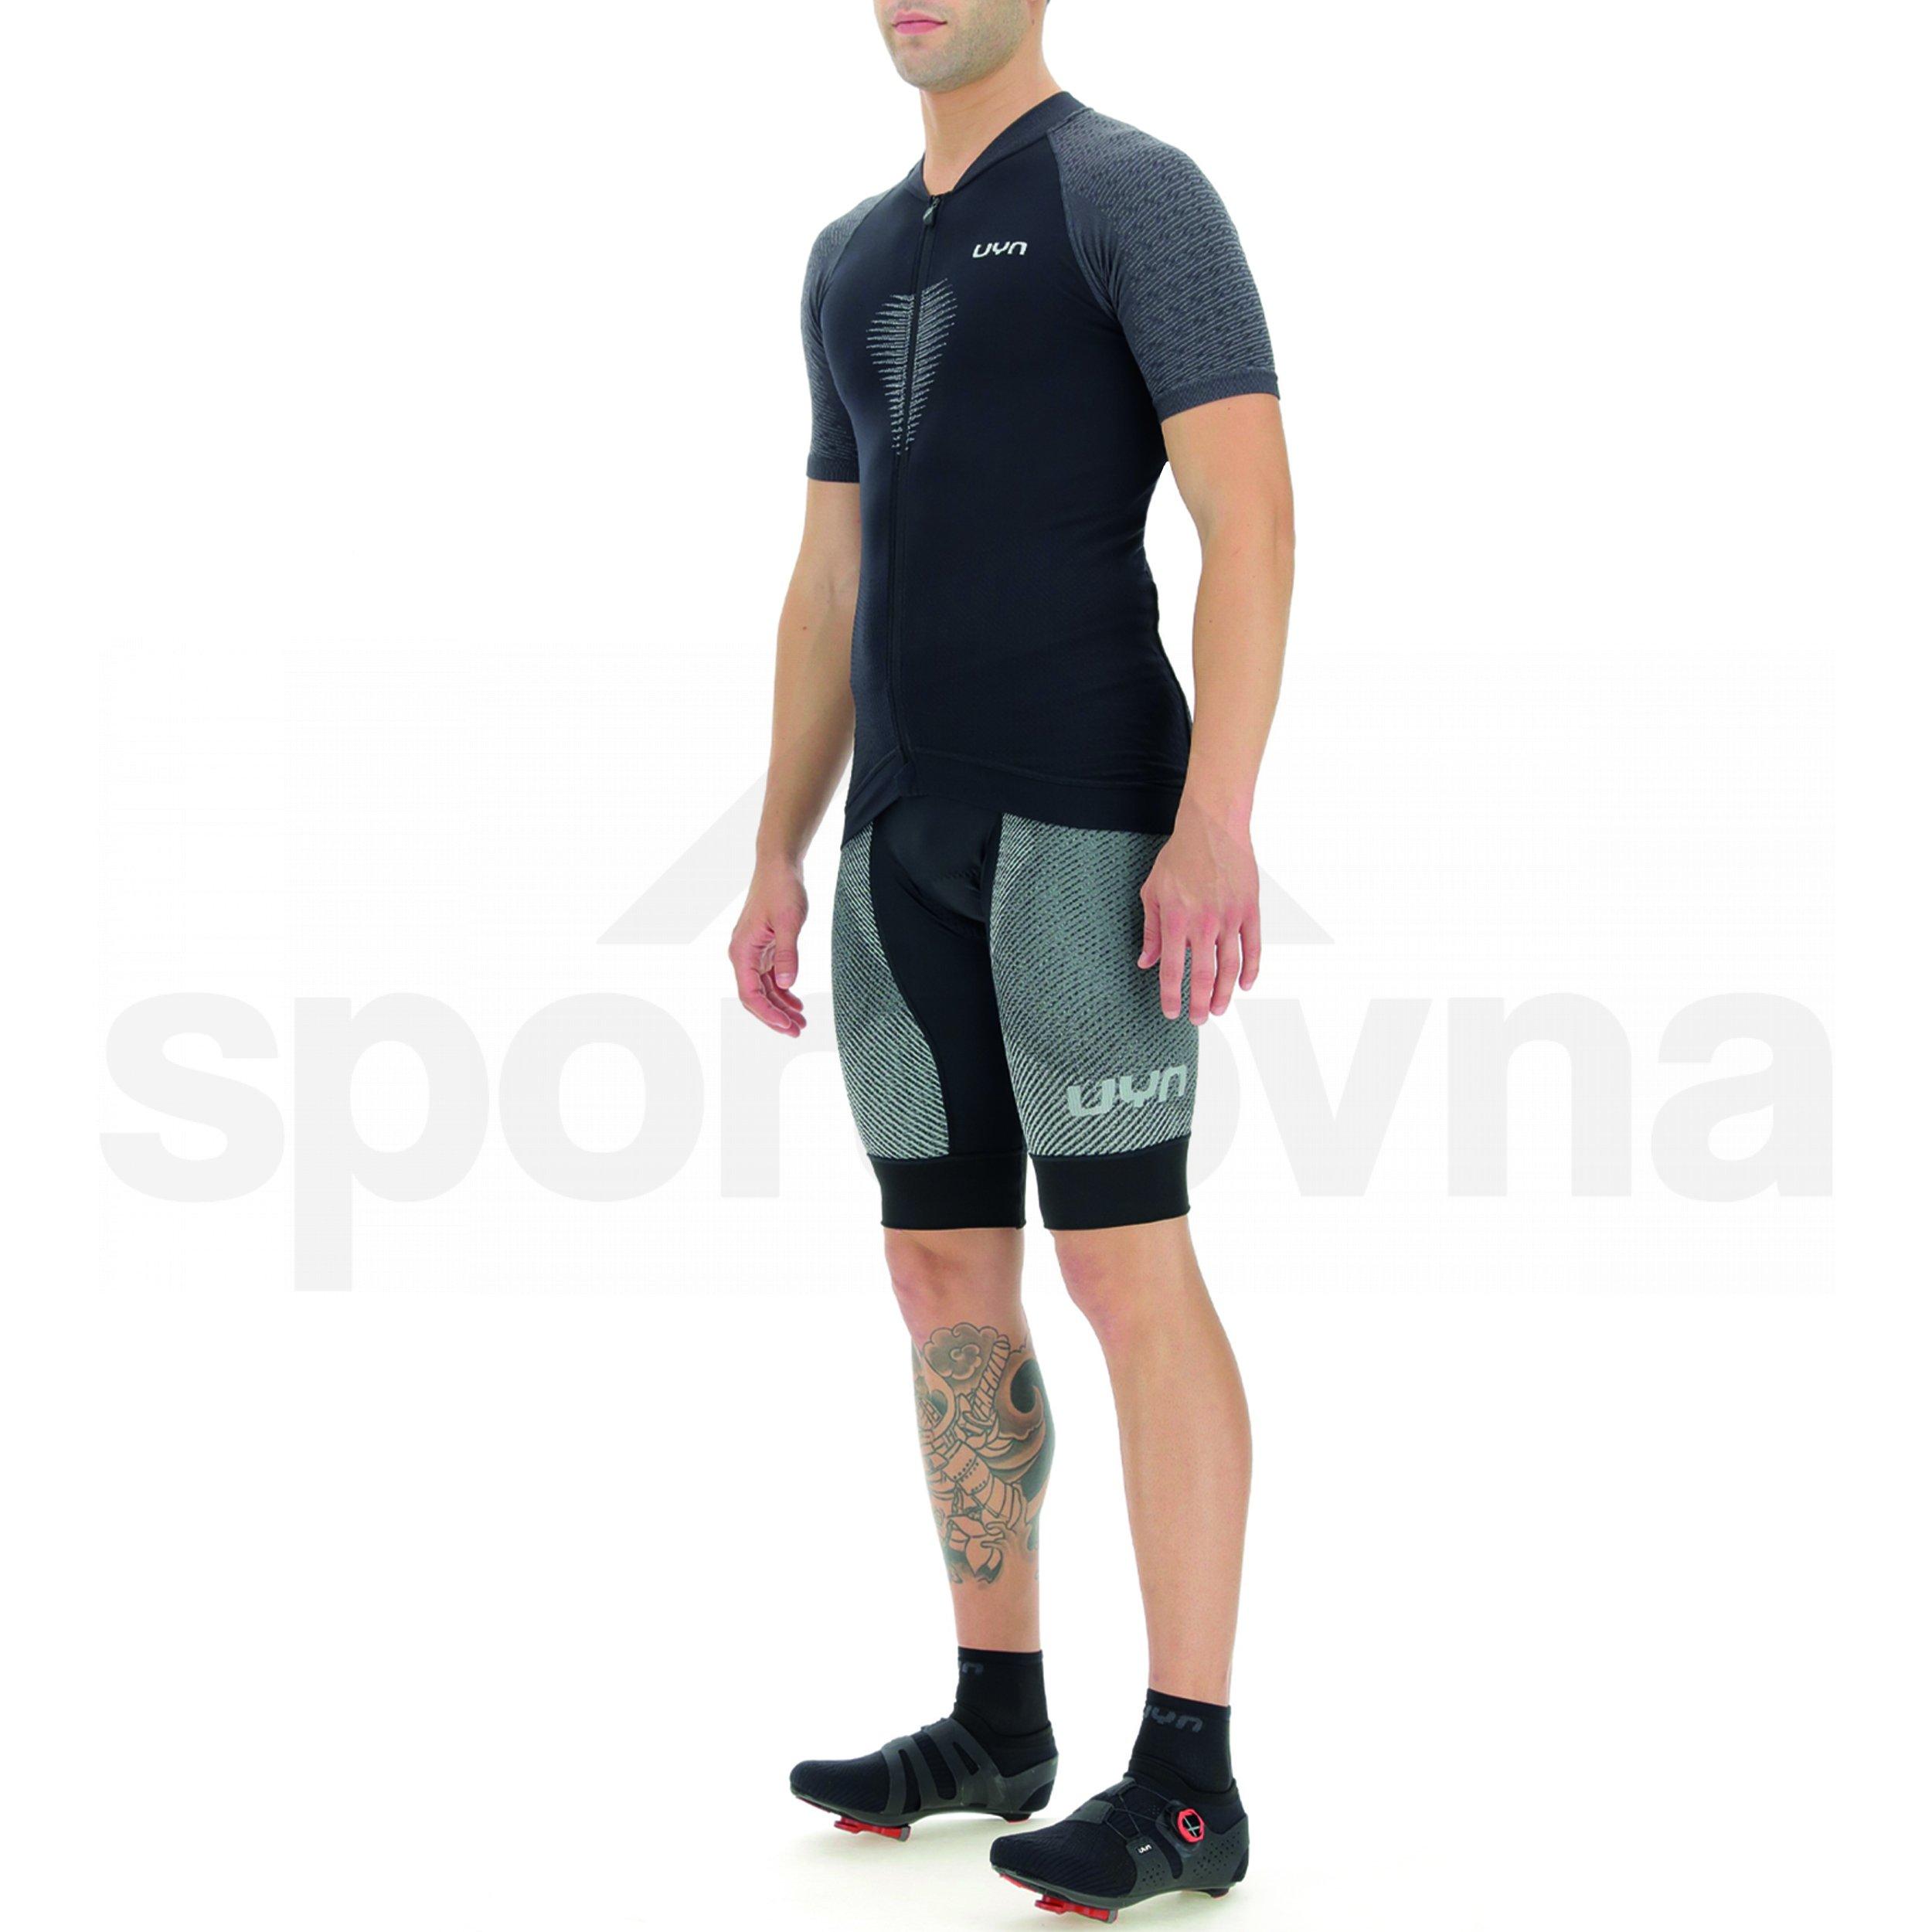 Cyklistický dres UYN Biking Granfondo M - černá/šedá